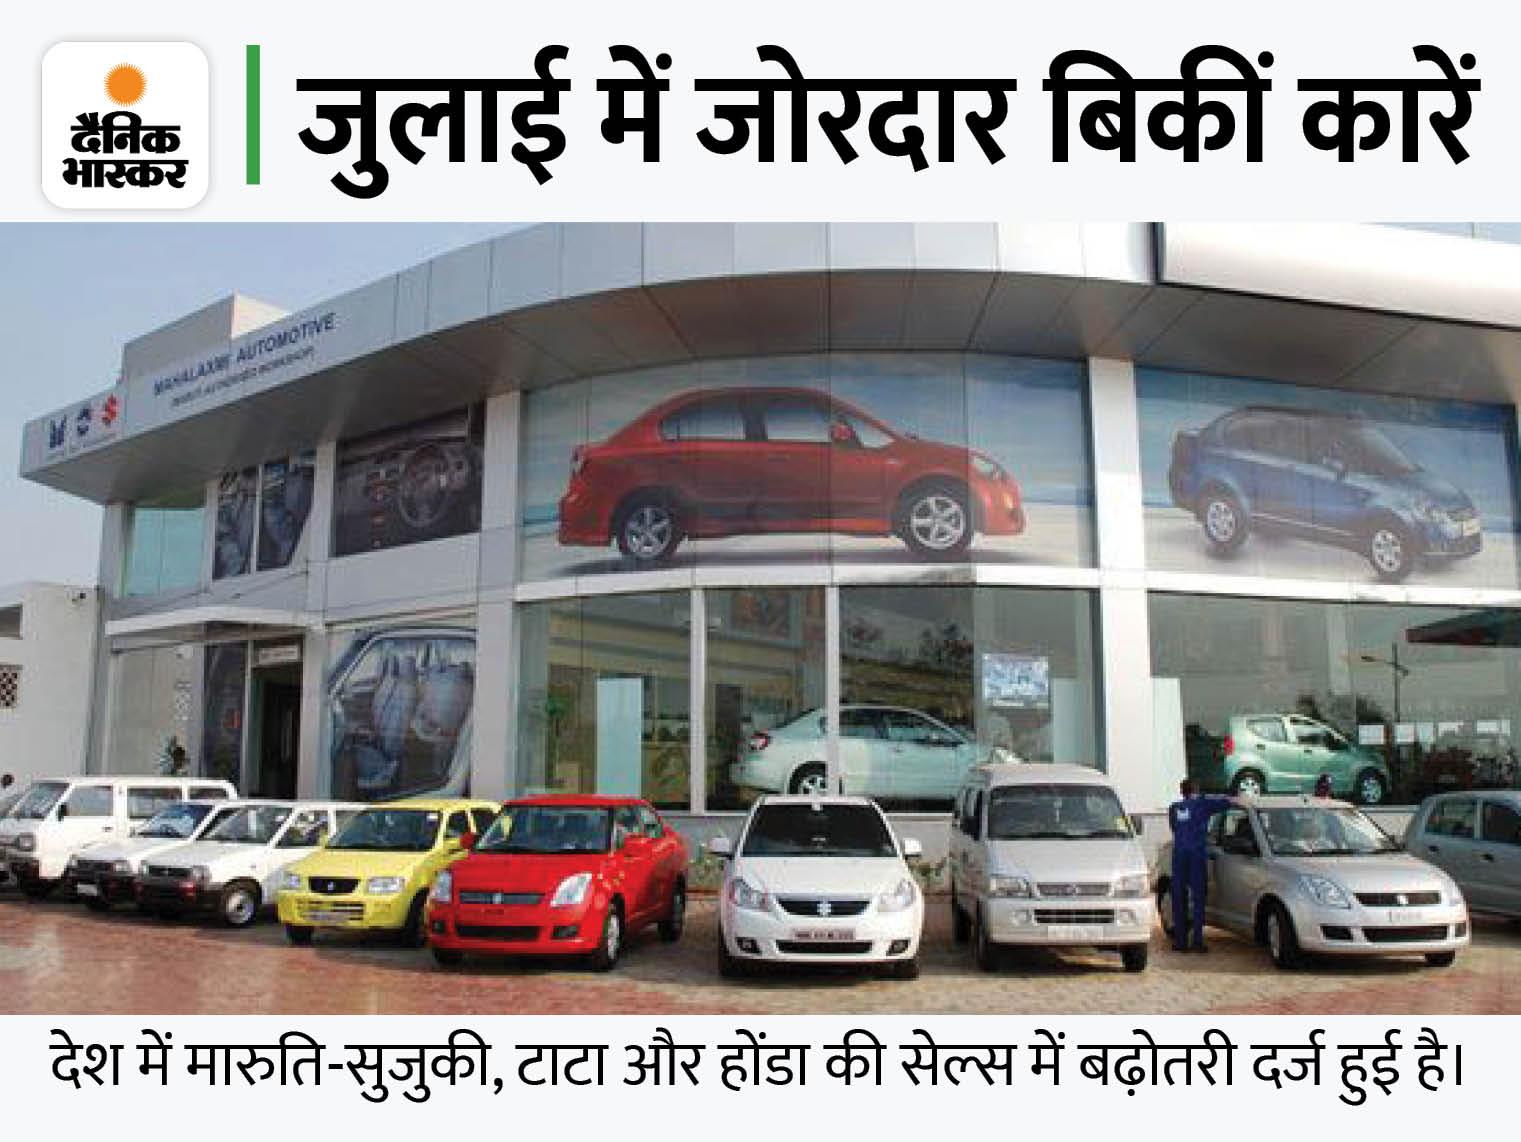 मारुति ने 1.62 लाख, तो टाटा ने 52 हजार कारें बेचीं, होंडा ने डोमेस्टिक सेल्स में 12 साल का रिकॉर्ड तोड़ा|टेक & ऑटो,Tech & Auto - Dainik Bhaskar